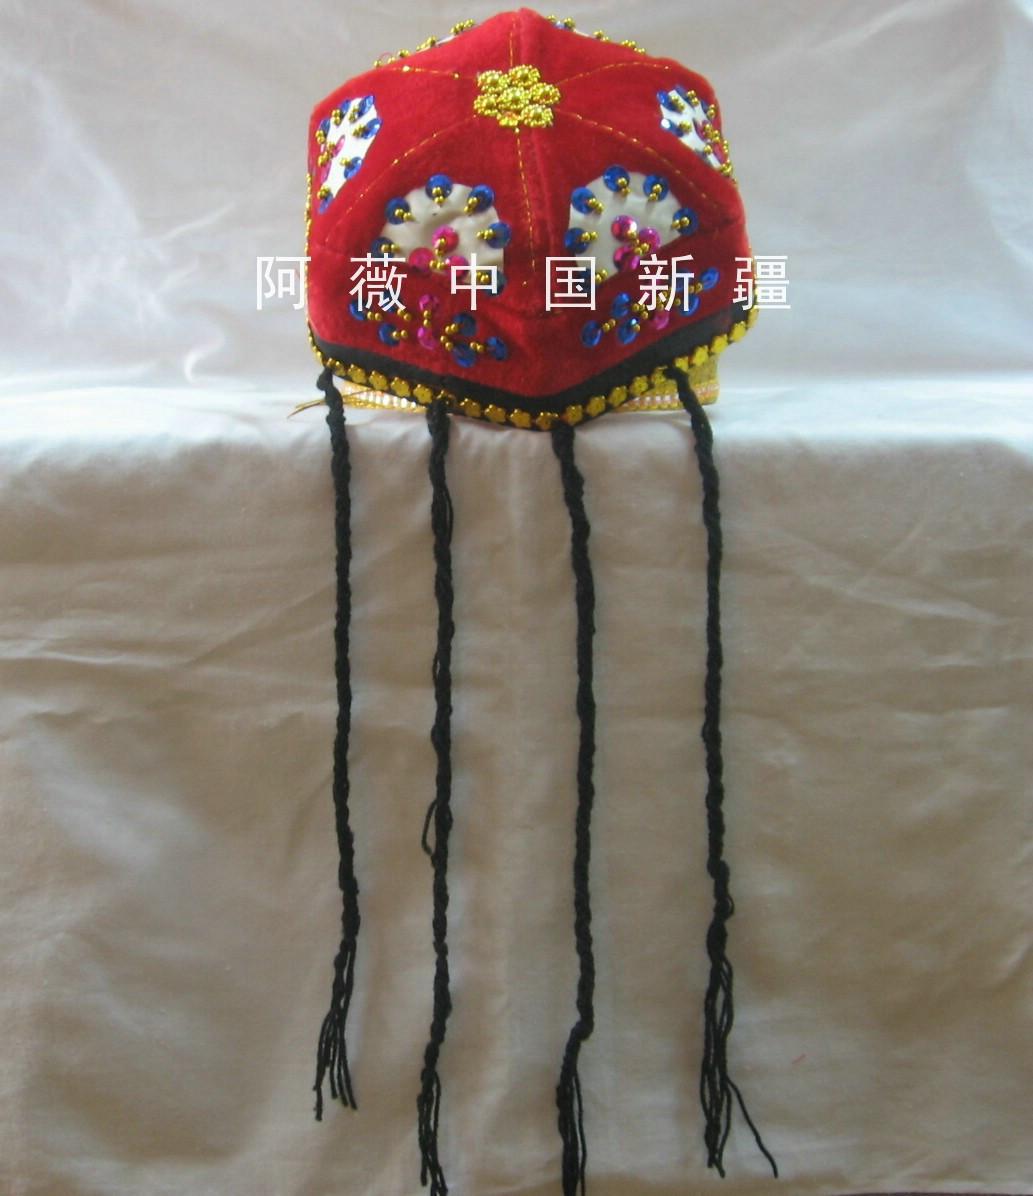 Синьцзян размер гонка шляпа народ одежда синьцзян шляпа синьцзян одежда народ танец одежда M